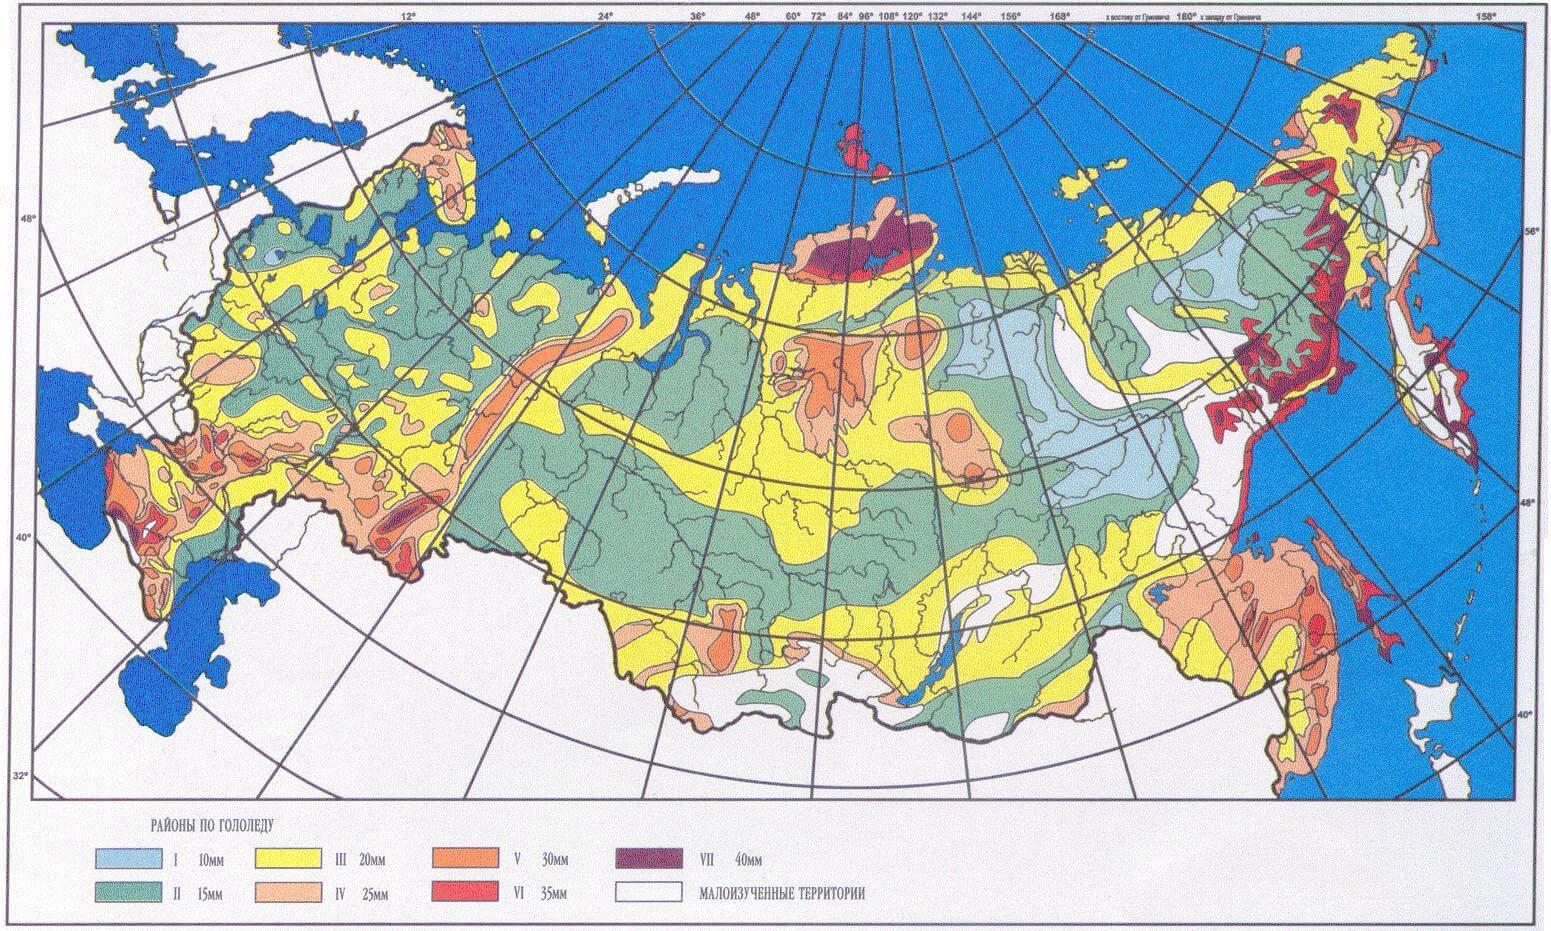 Карта районов России по гололеду